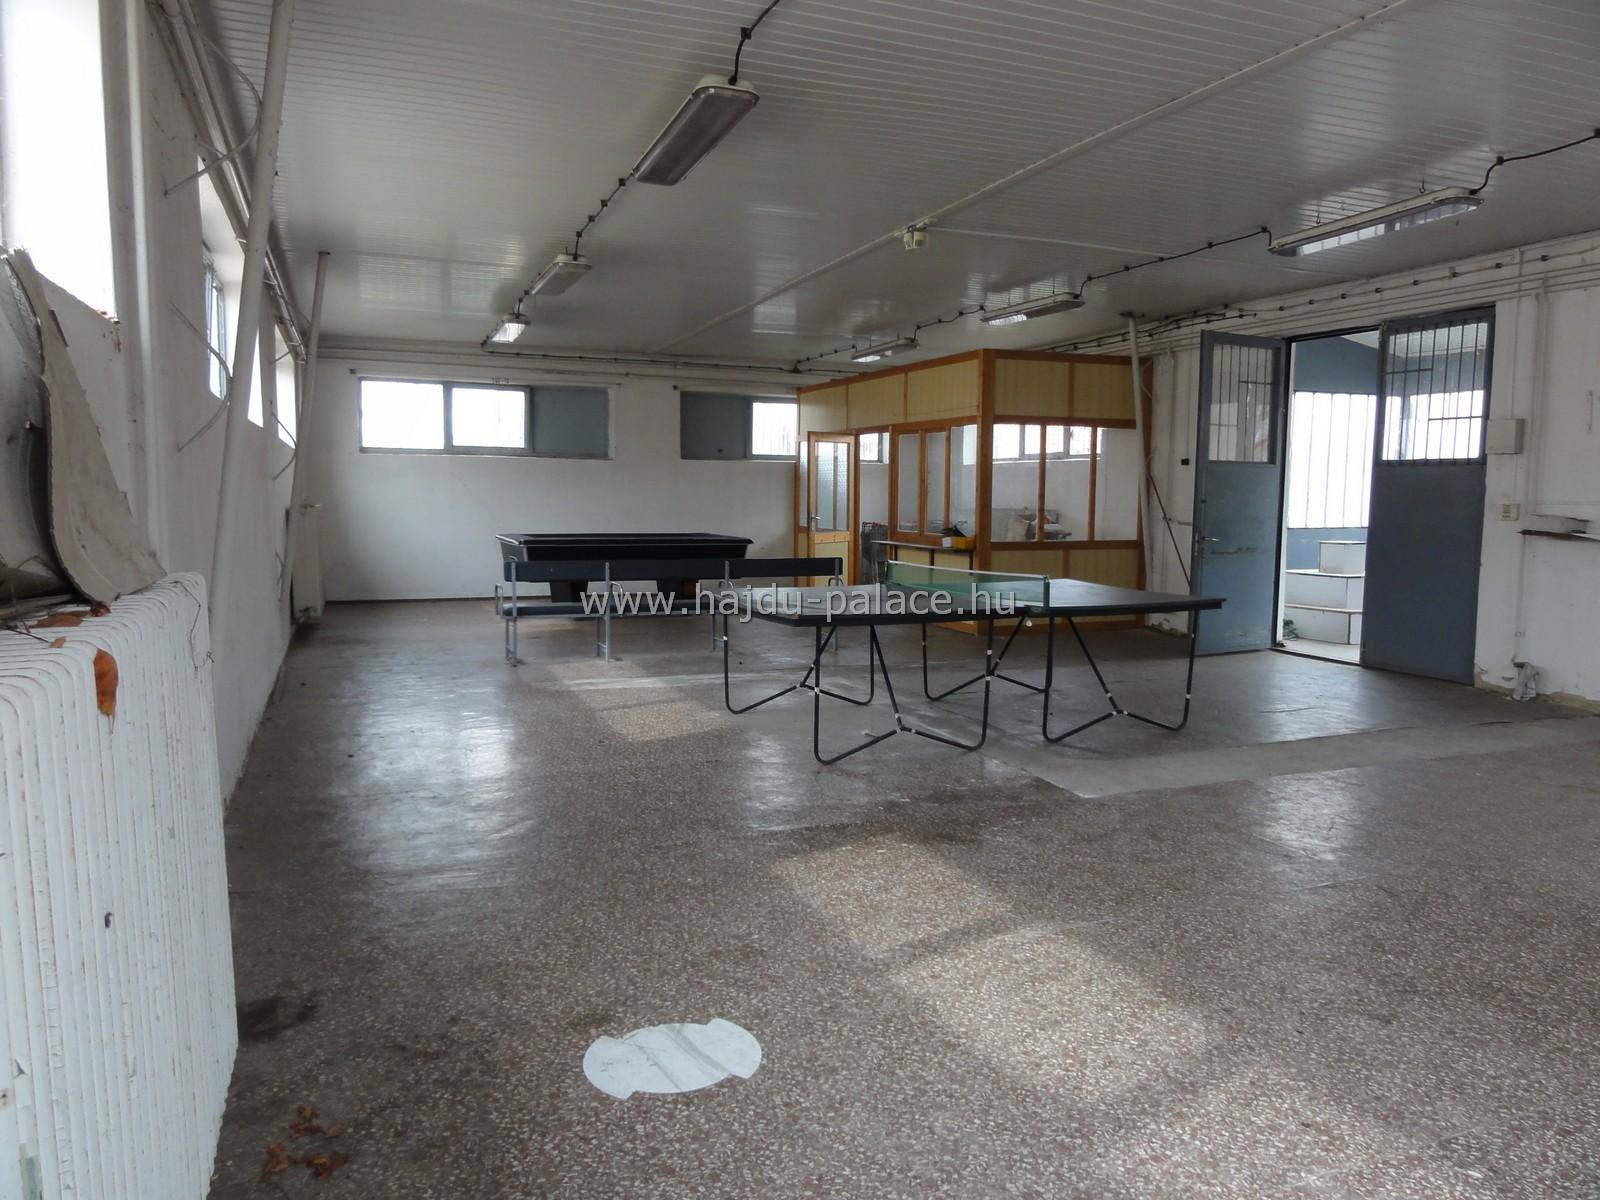 Hajdúszoboszlón diszkontüzlet besorolású céges ingatlan eladó